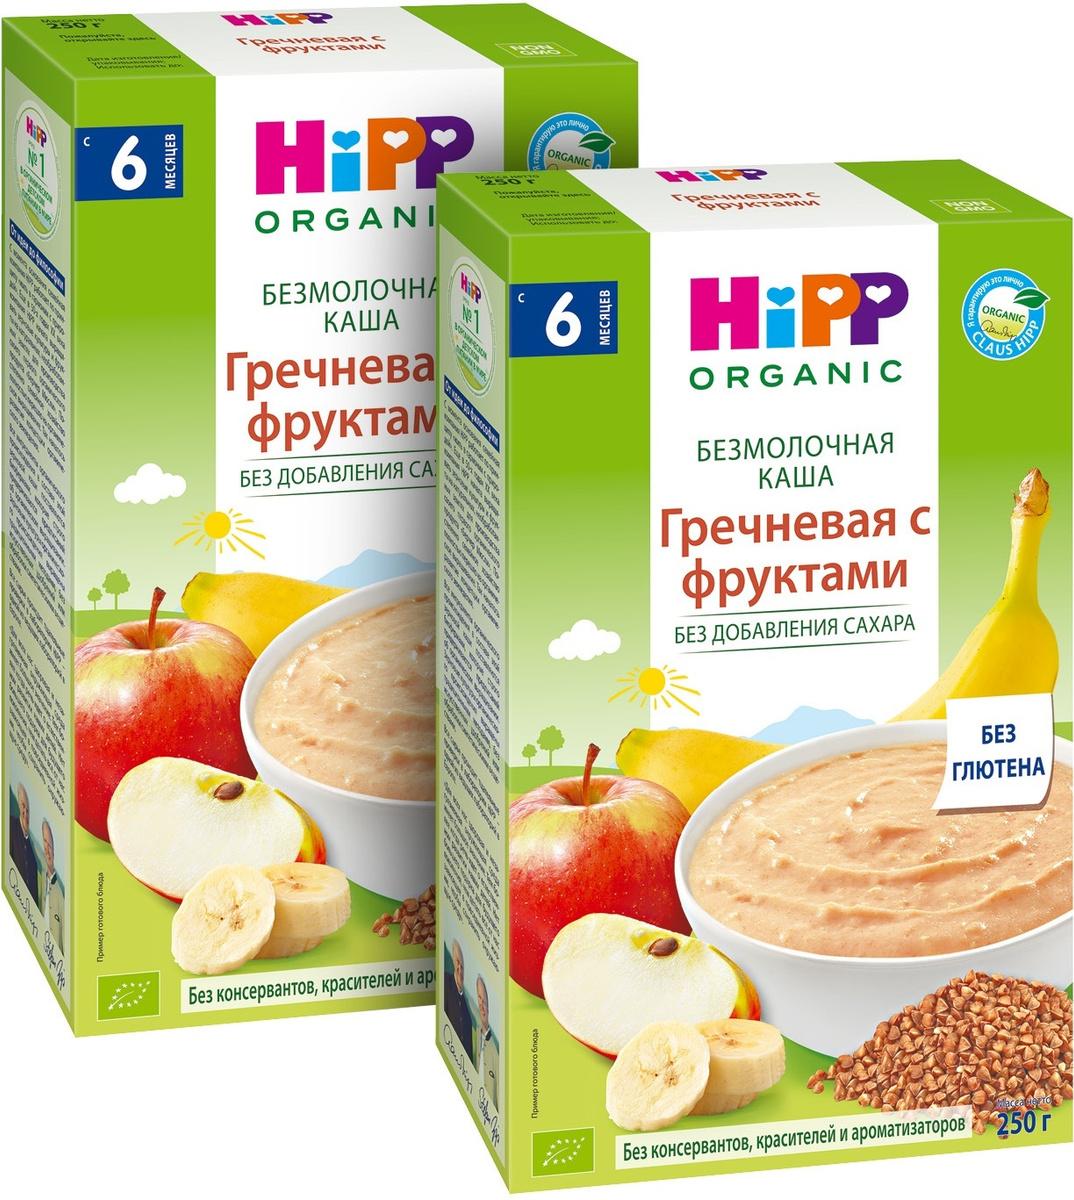 Каша для детей Hipp Гречневая, безмолочная, зерновая, с фруктами, с 4 месяцев, 250 г х 2 шт  #1